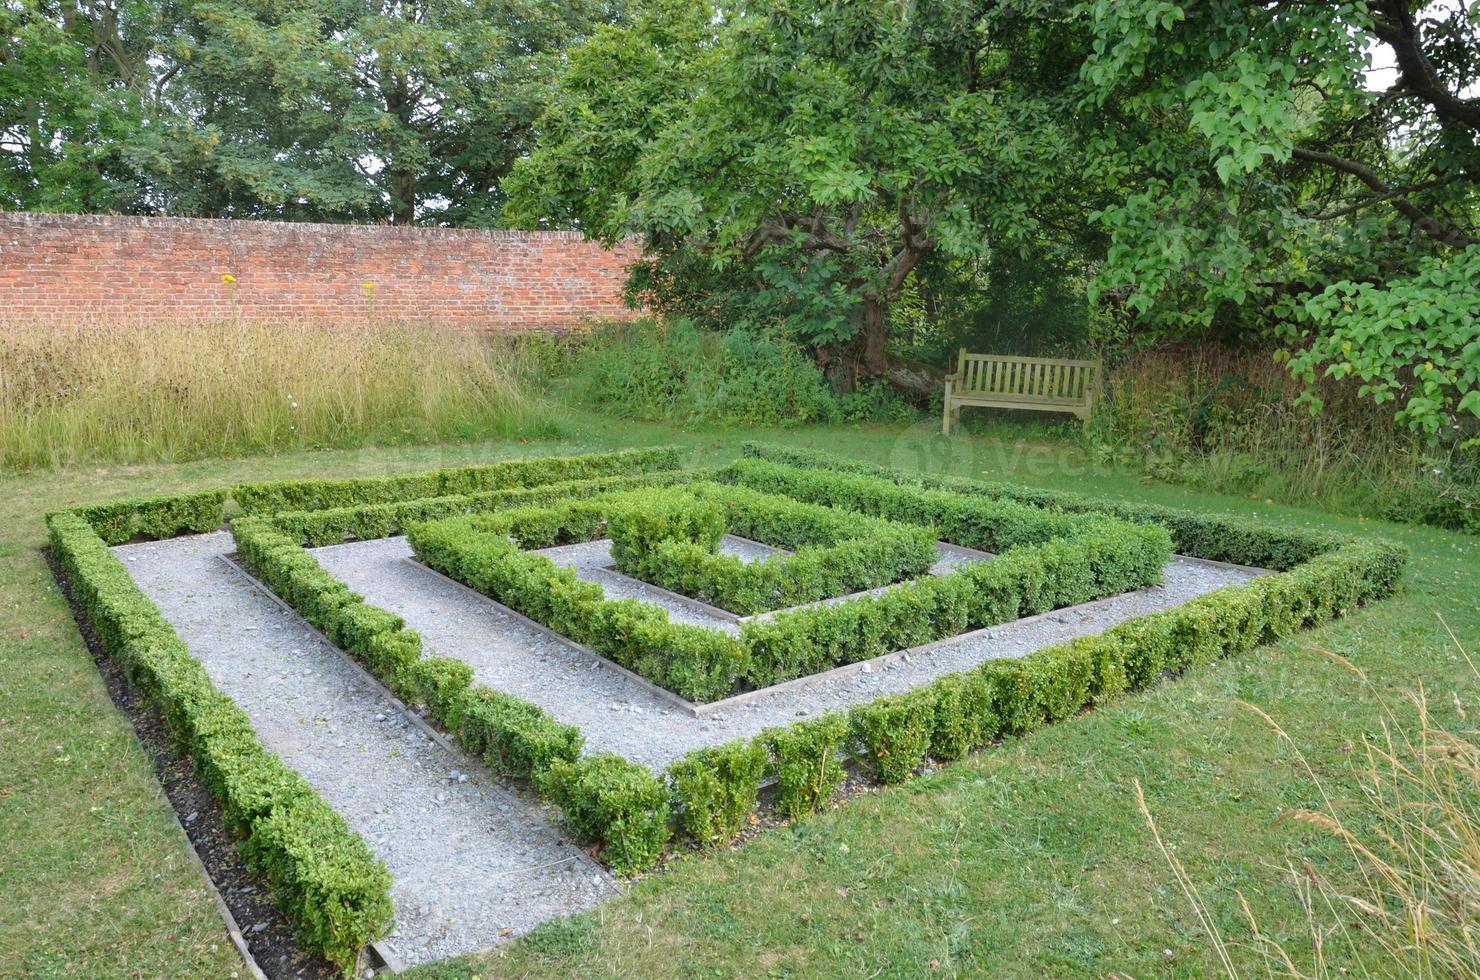 petit labyrinthe de haies photo